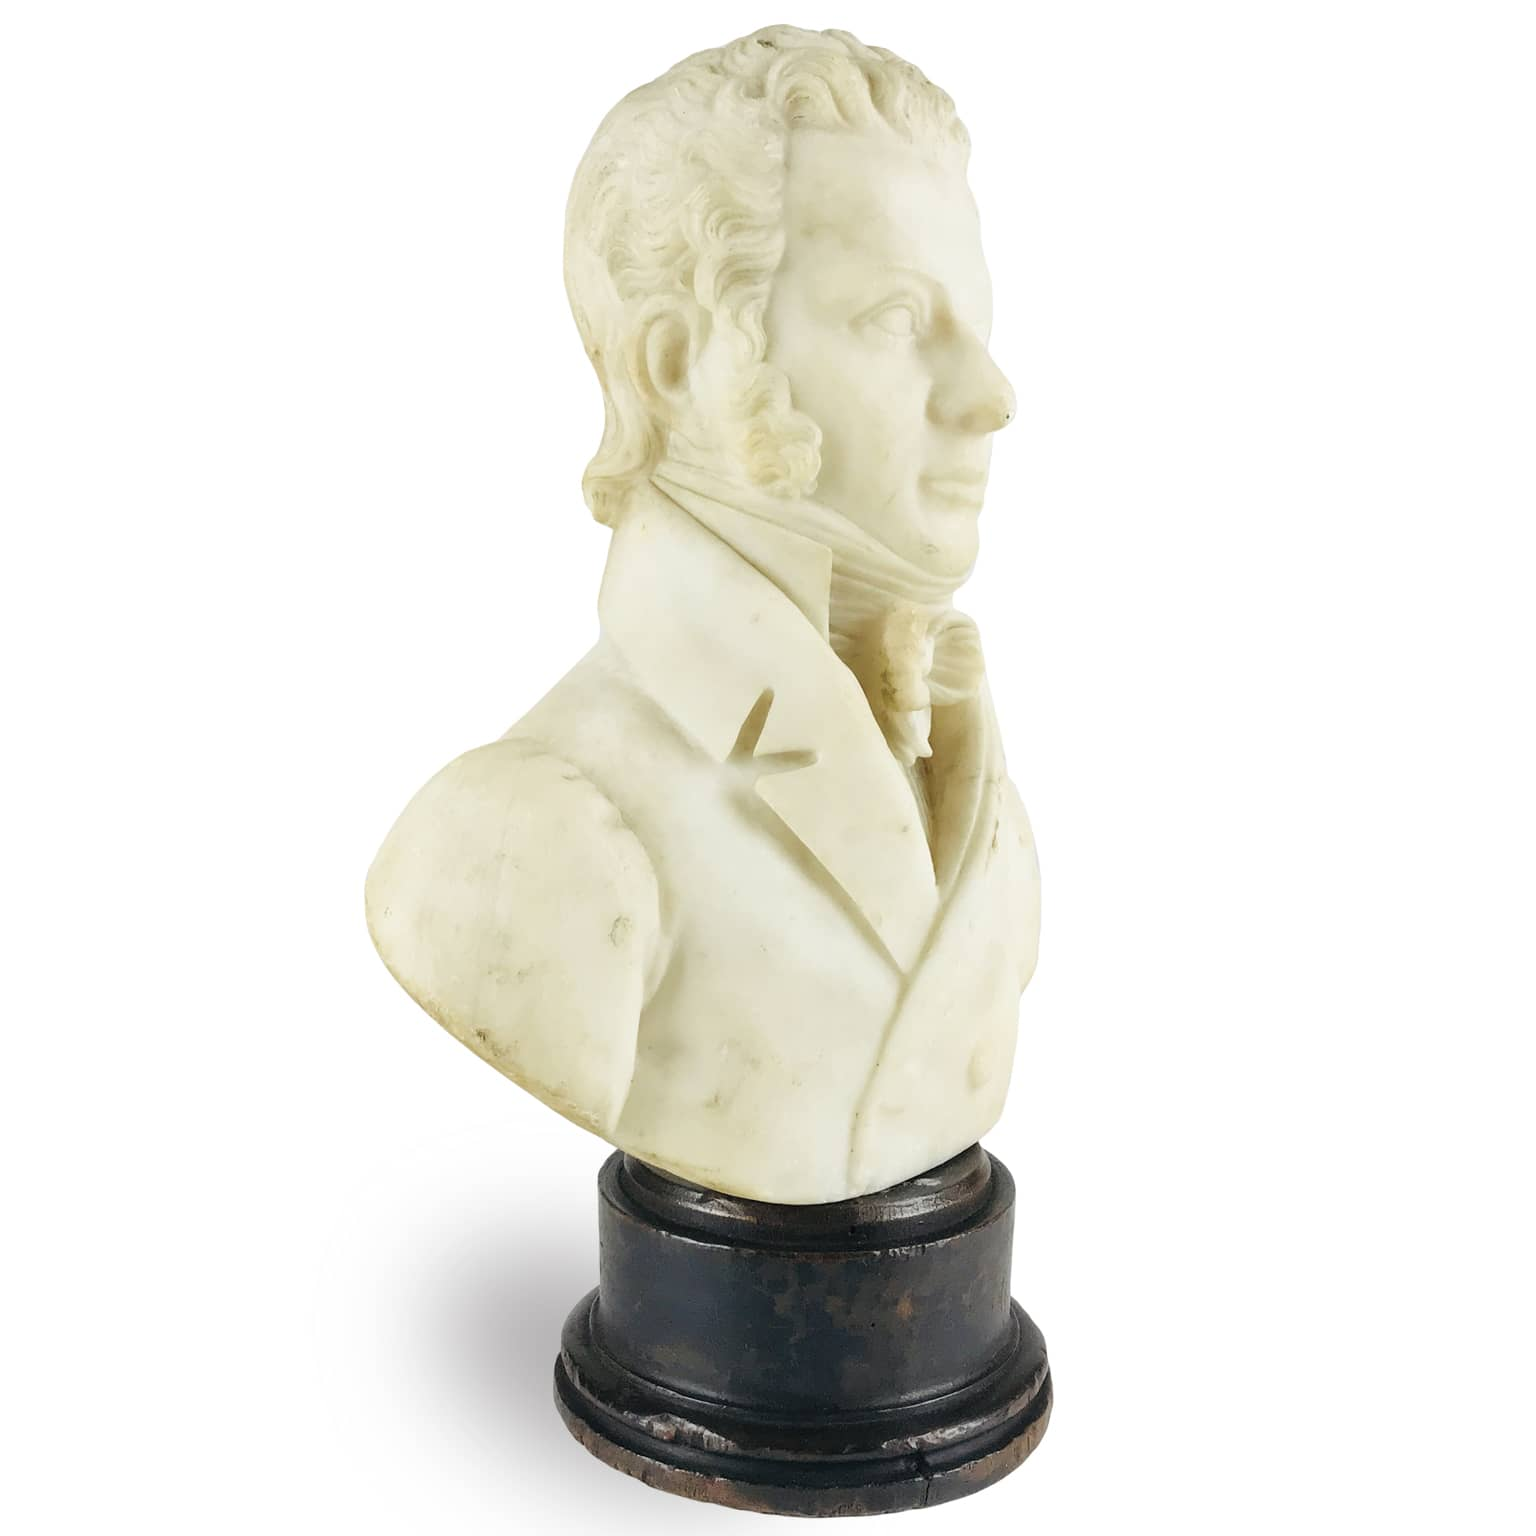 Busto-Virile-in-Alabastro-firmato-Tabacchi